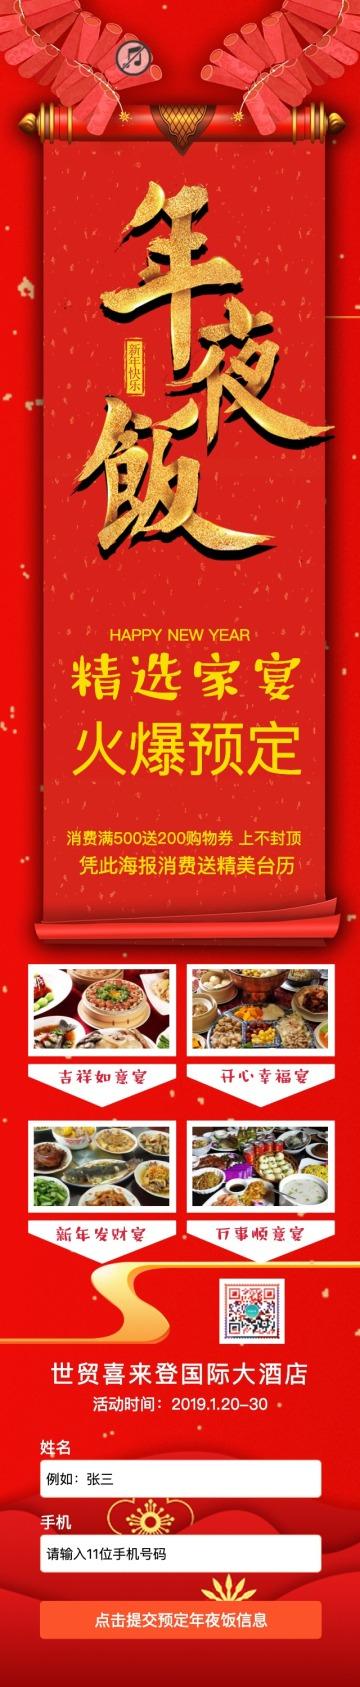 红色喜庆新年春节年夜饭预定宣传单页